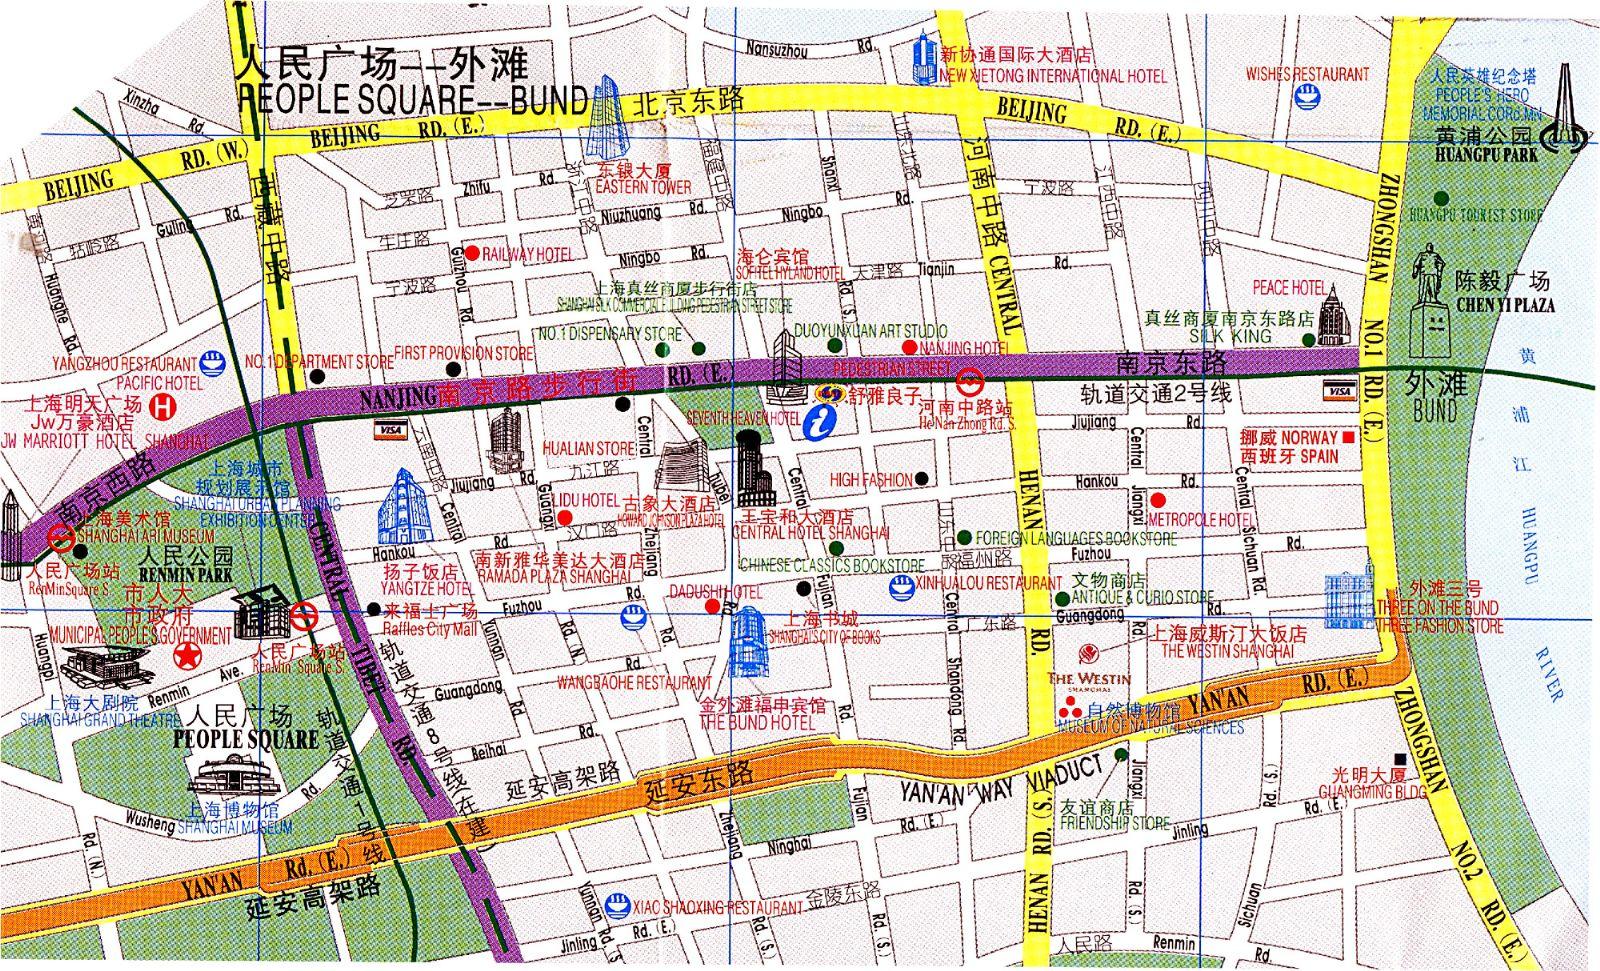 10 Best Hotels Near Nanjing Lu (Nanjing Road) - TripAdvisor